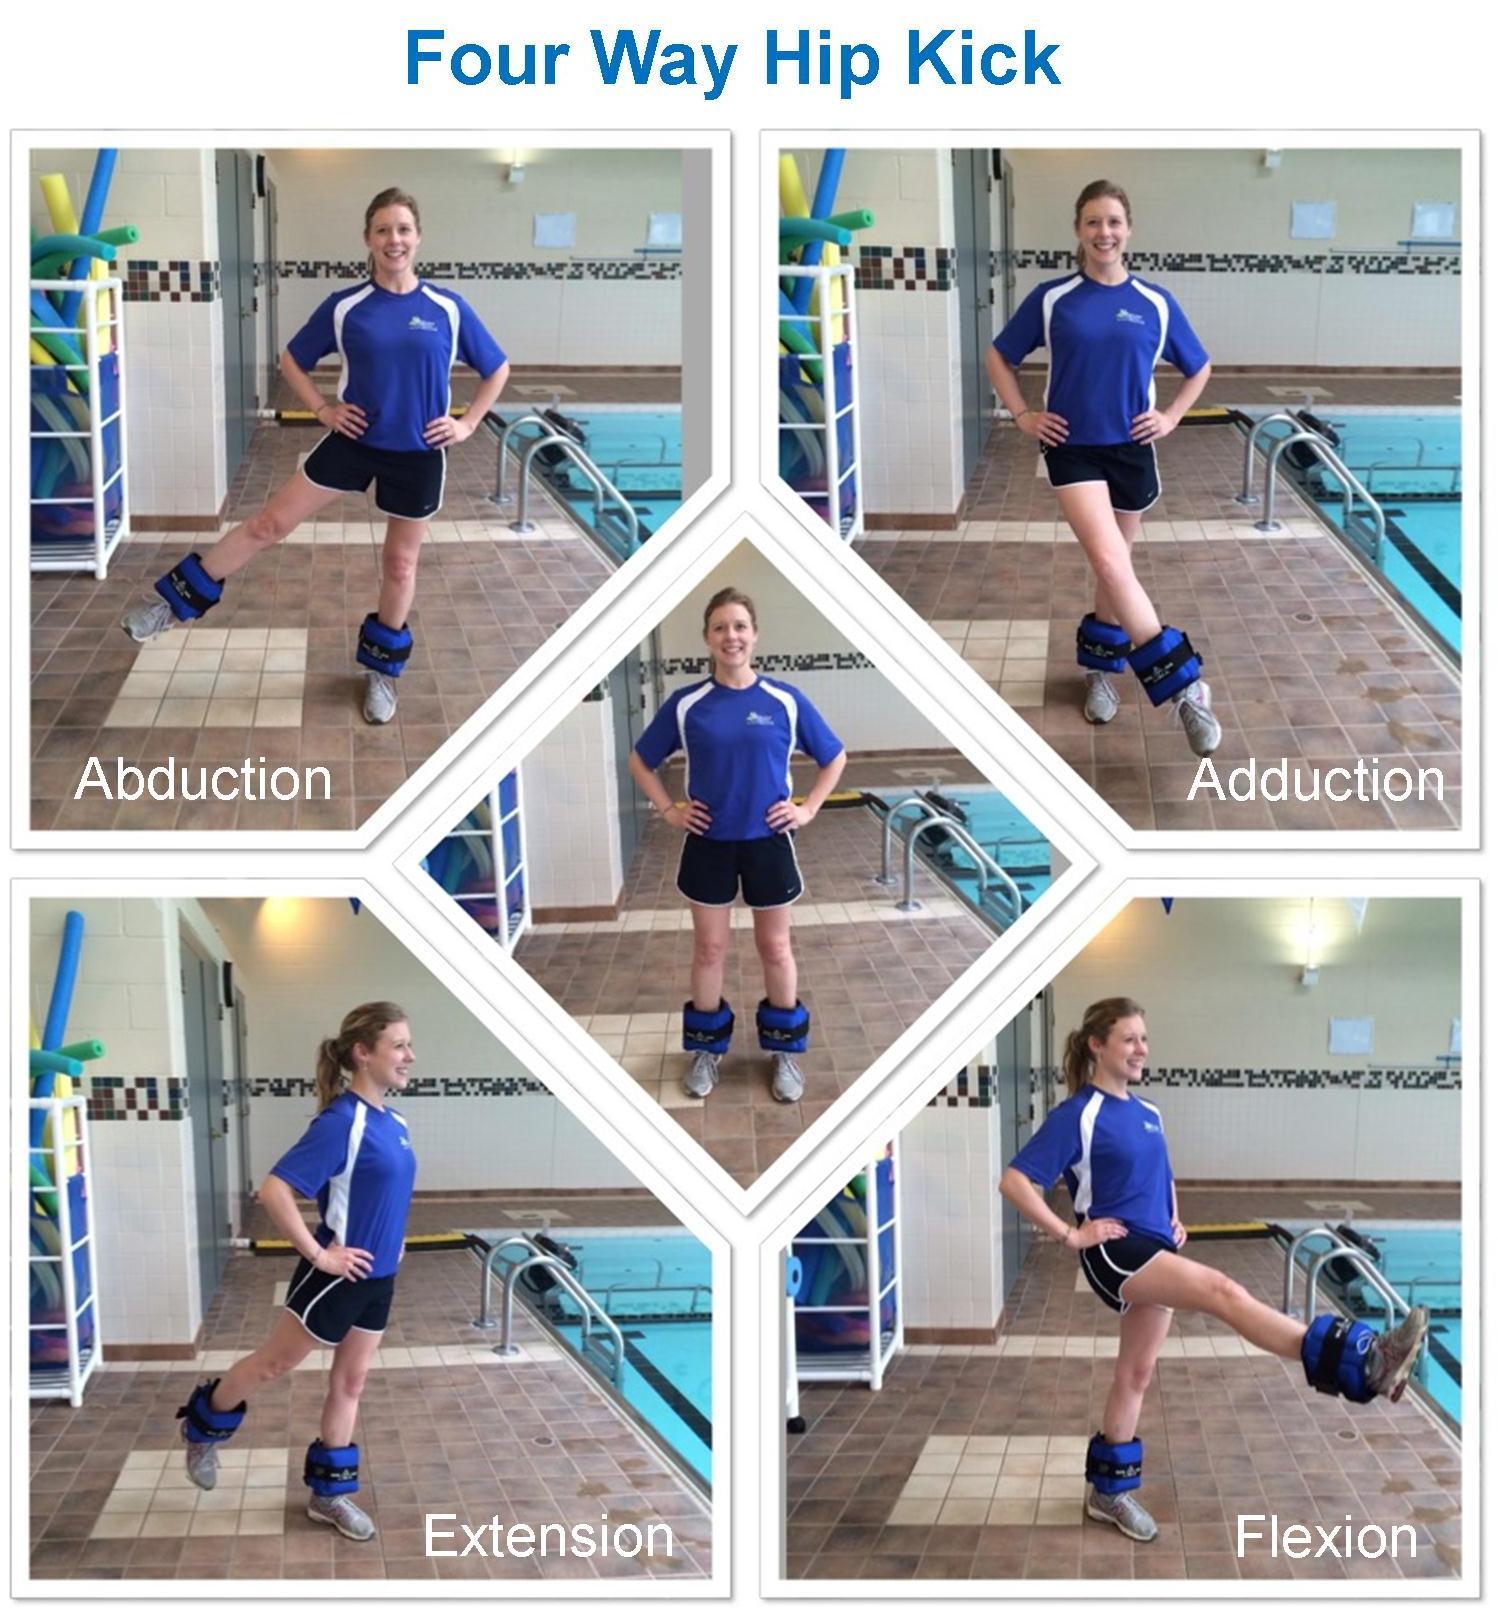 Four way hip kick